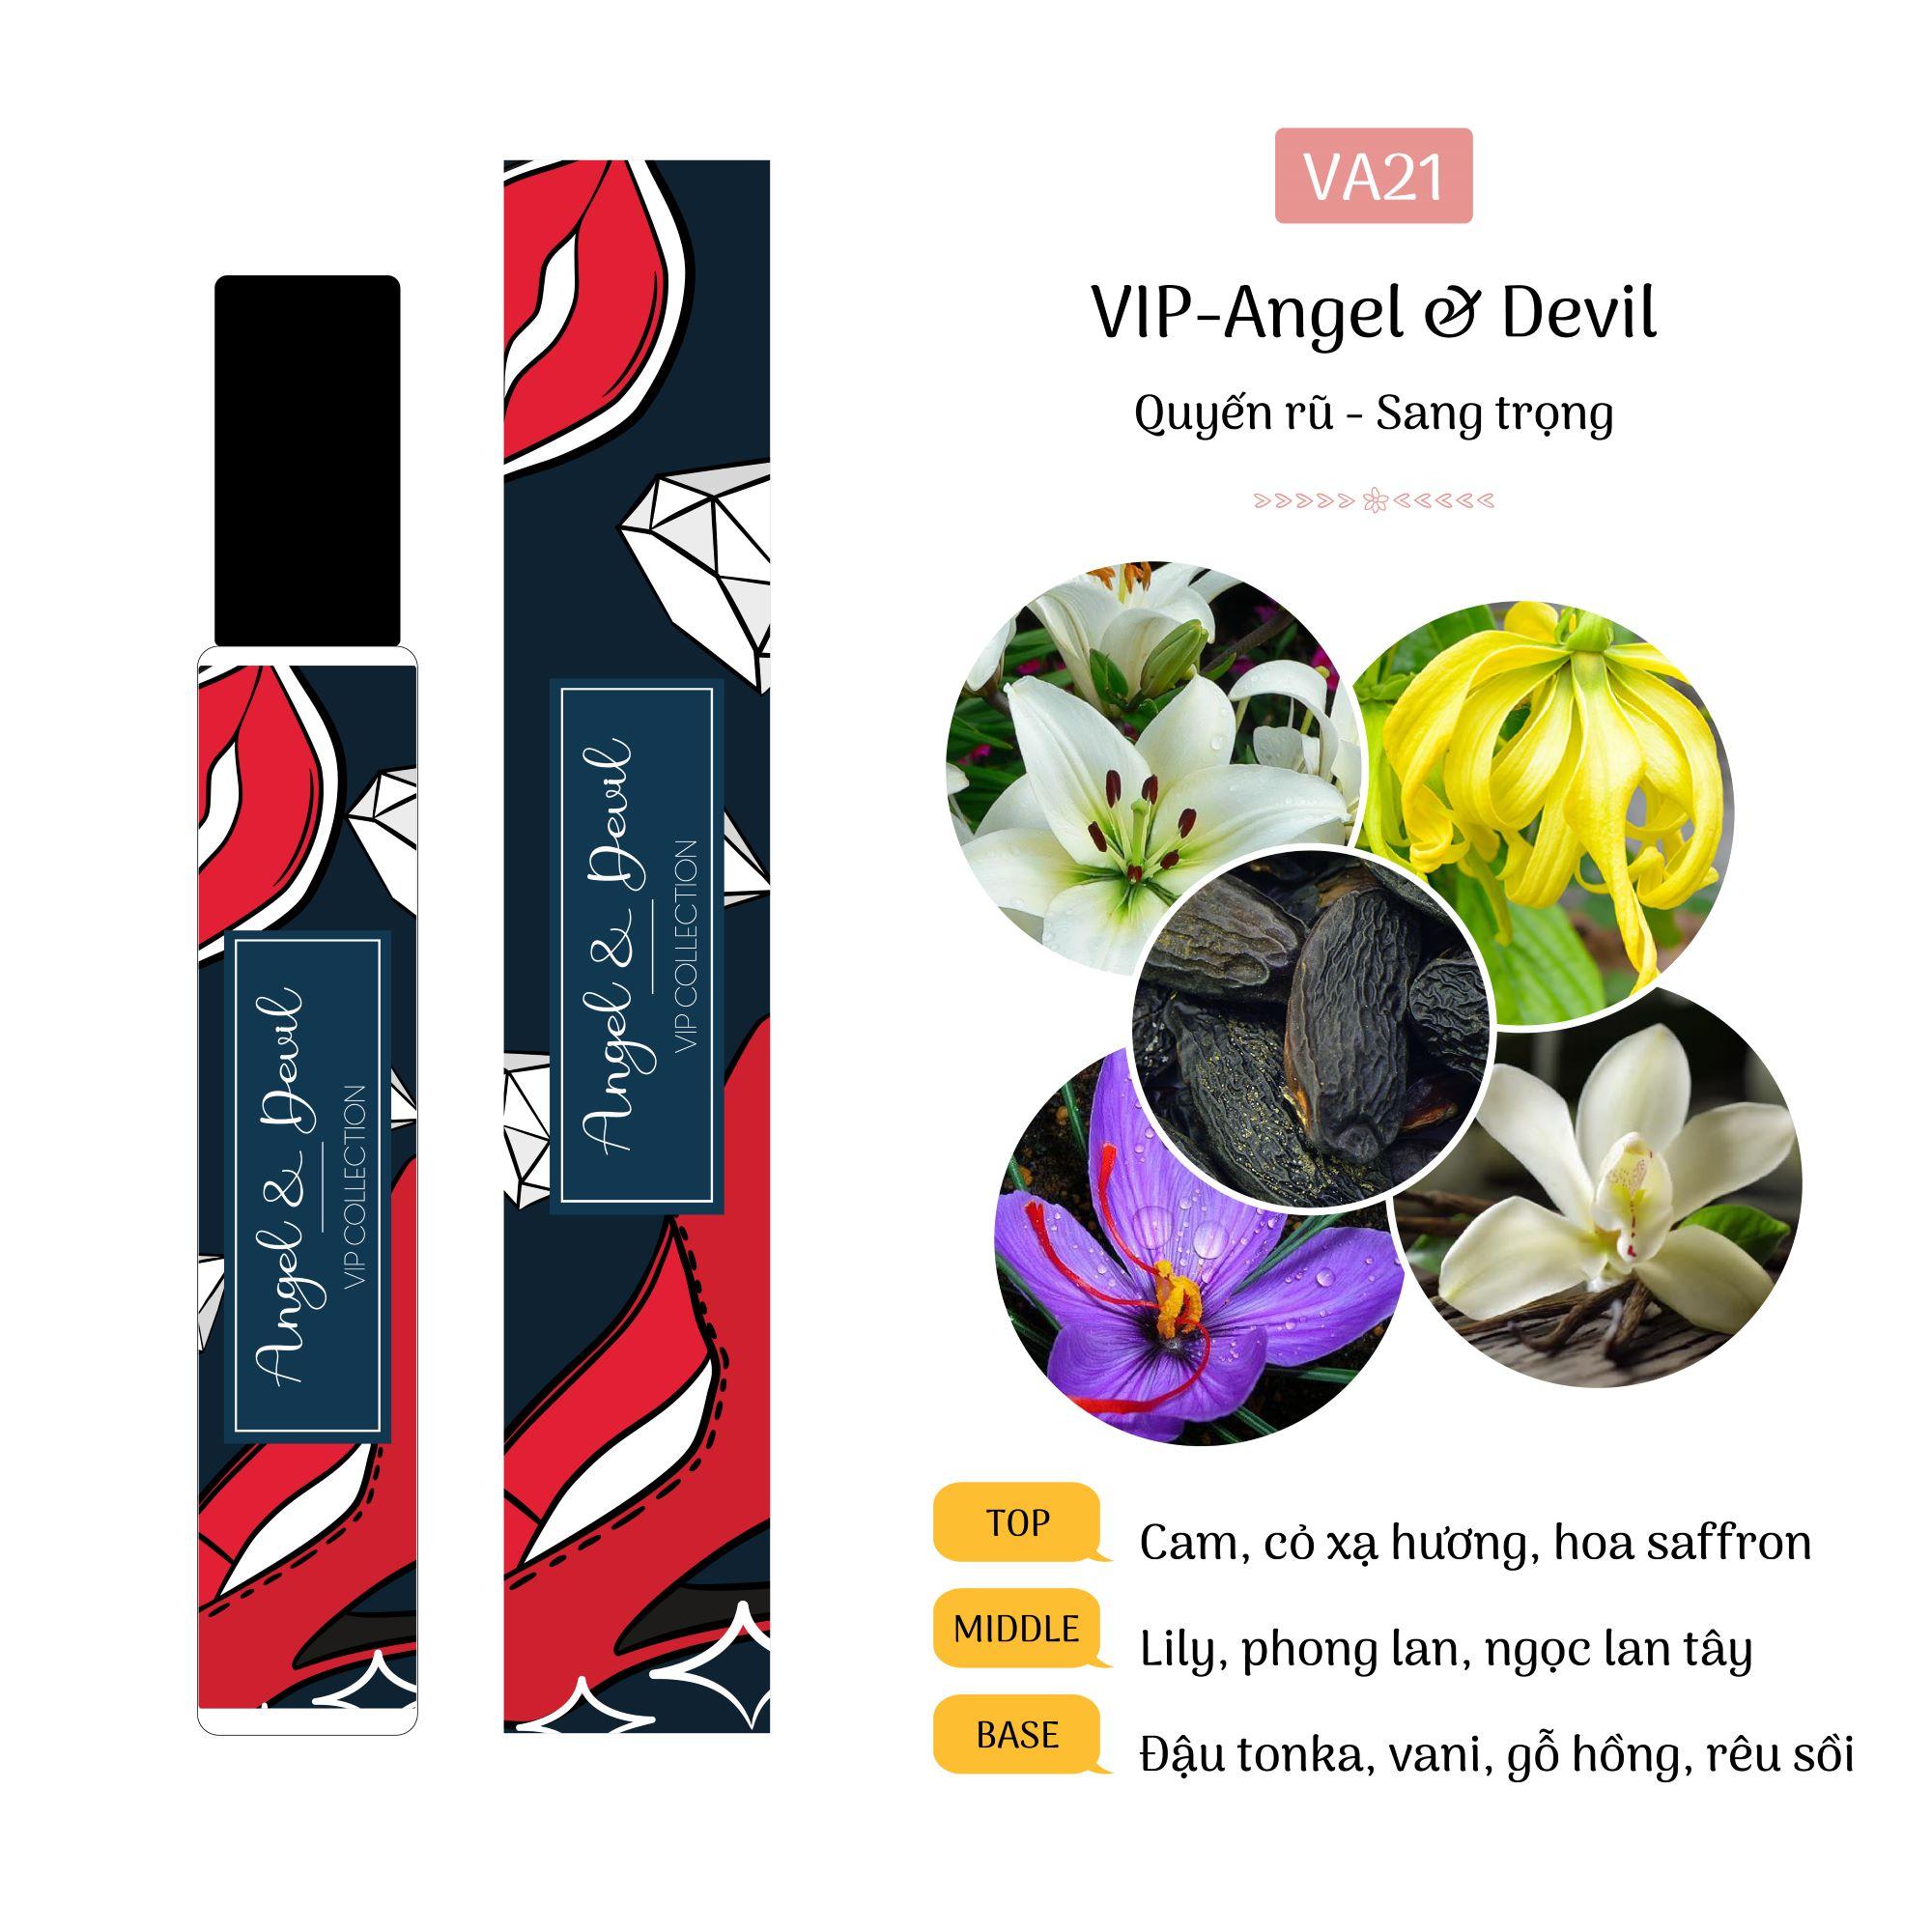 Tinh Dầu Nước Hoa Pháp Angel & Devil